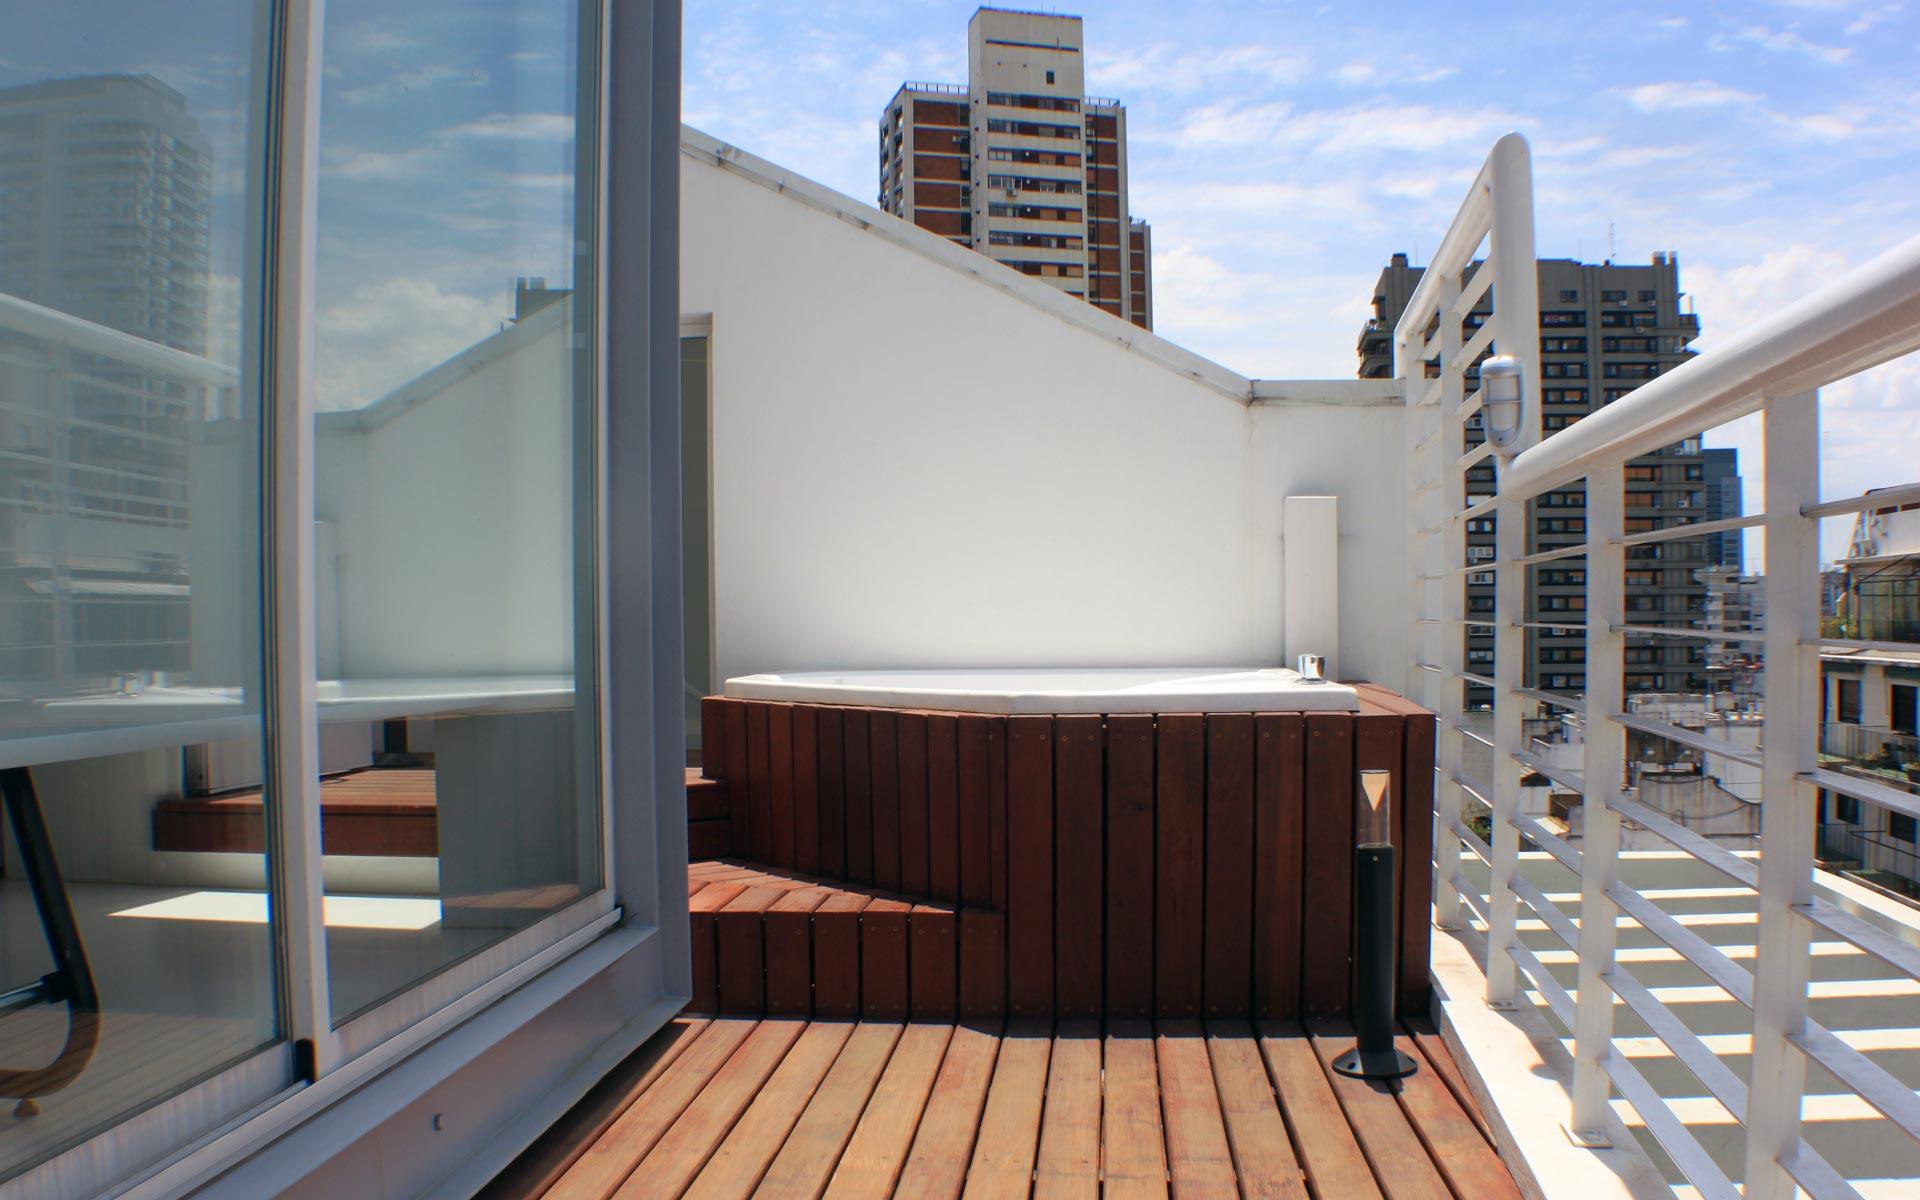 Reforma terraza ph y departamento. Fachada estudio y terraza con deck de madera y jacuzzi